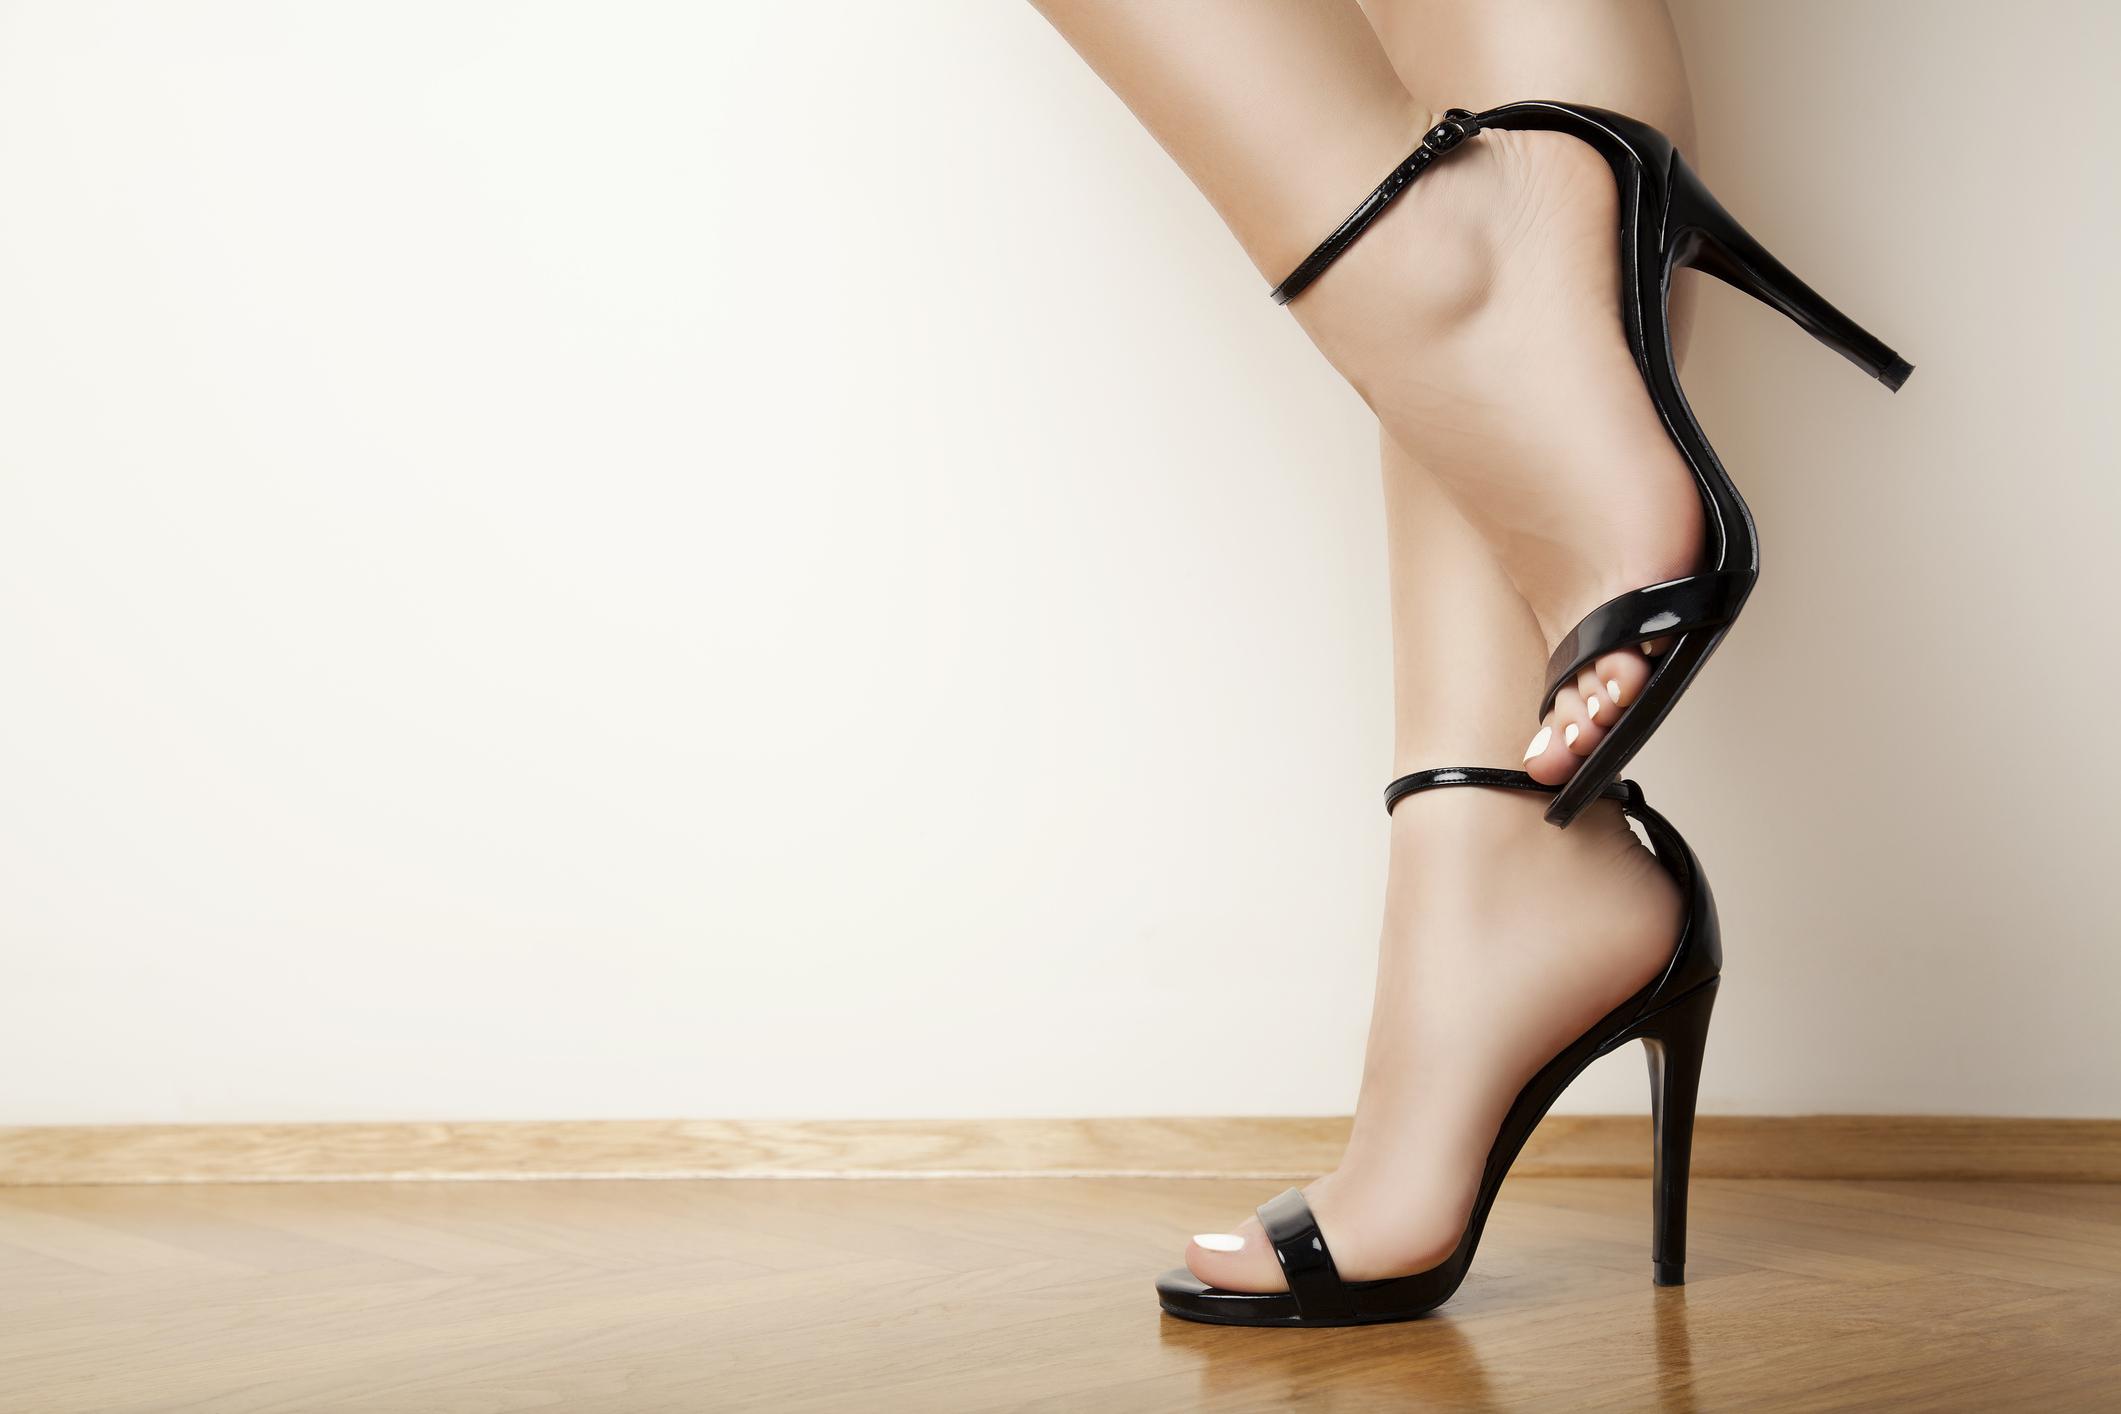 Woman modeling black high heels.